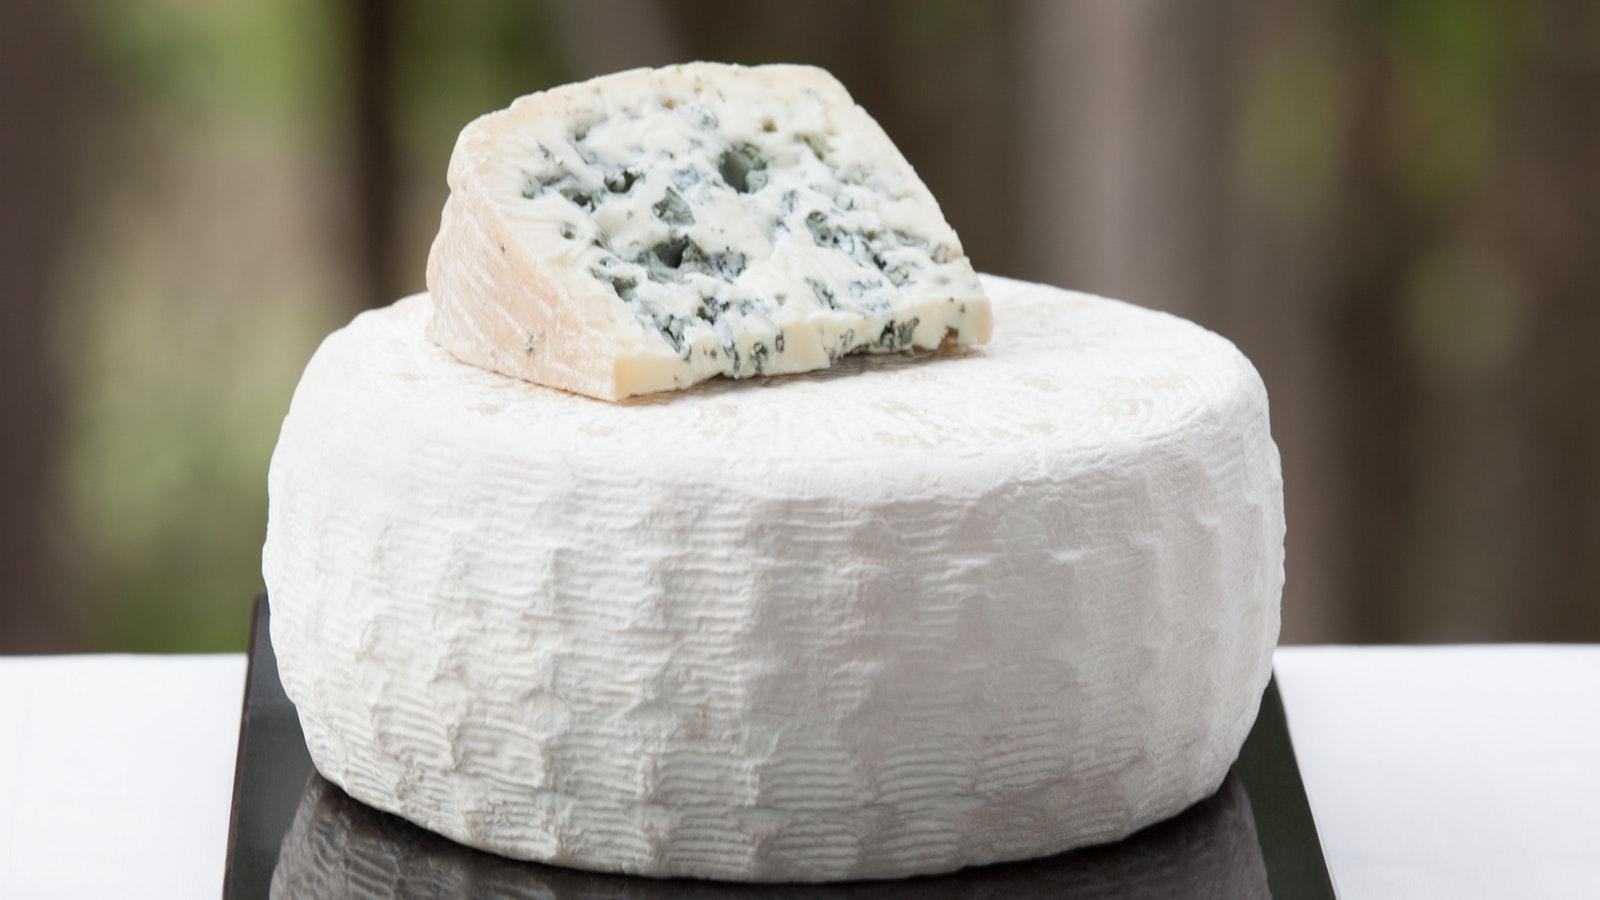 Ewes milk Venus Blue cheese